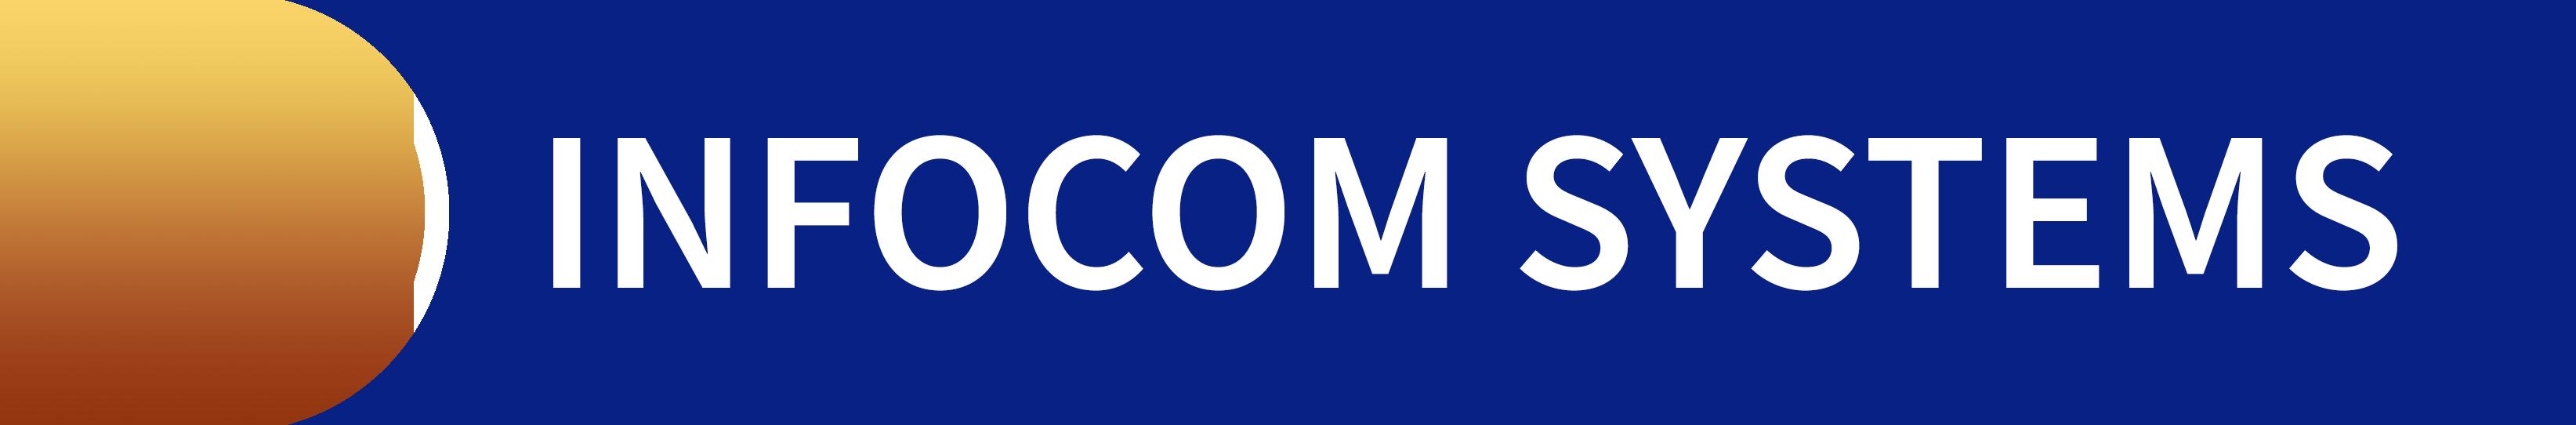 Infocom Systems